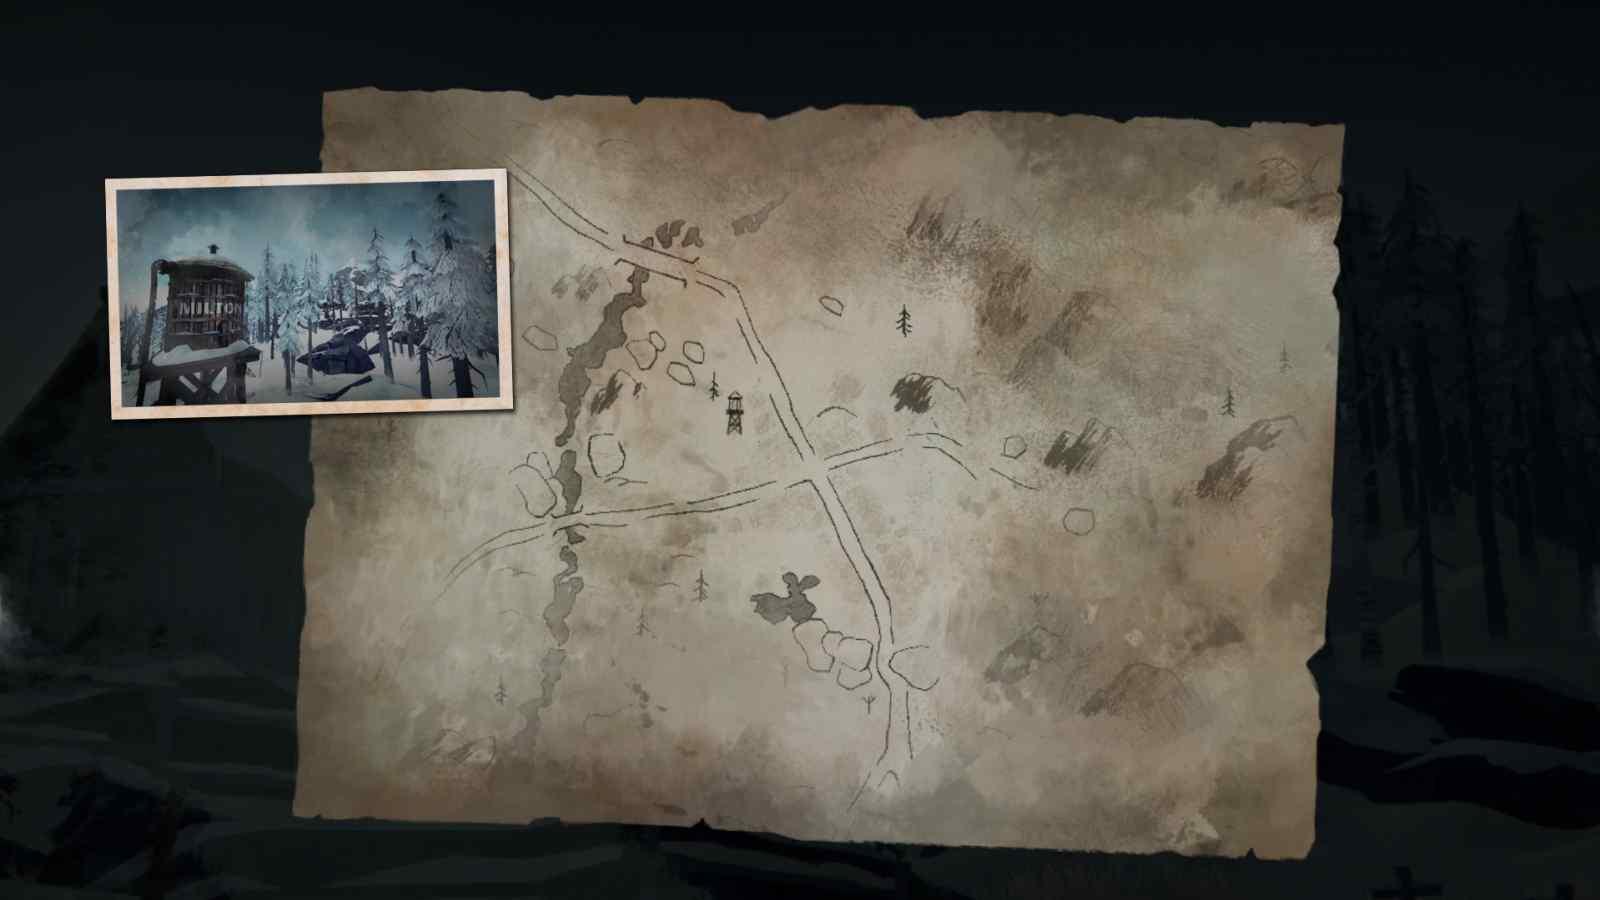 Заставка локации Милтон в игре The long dark